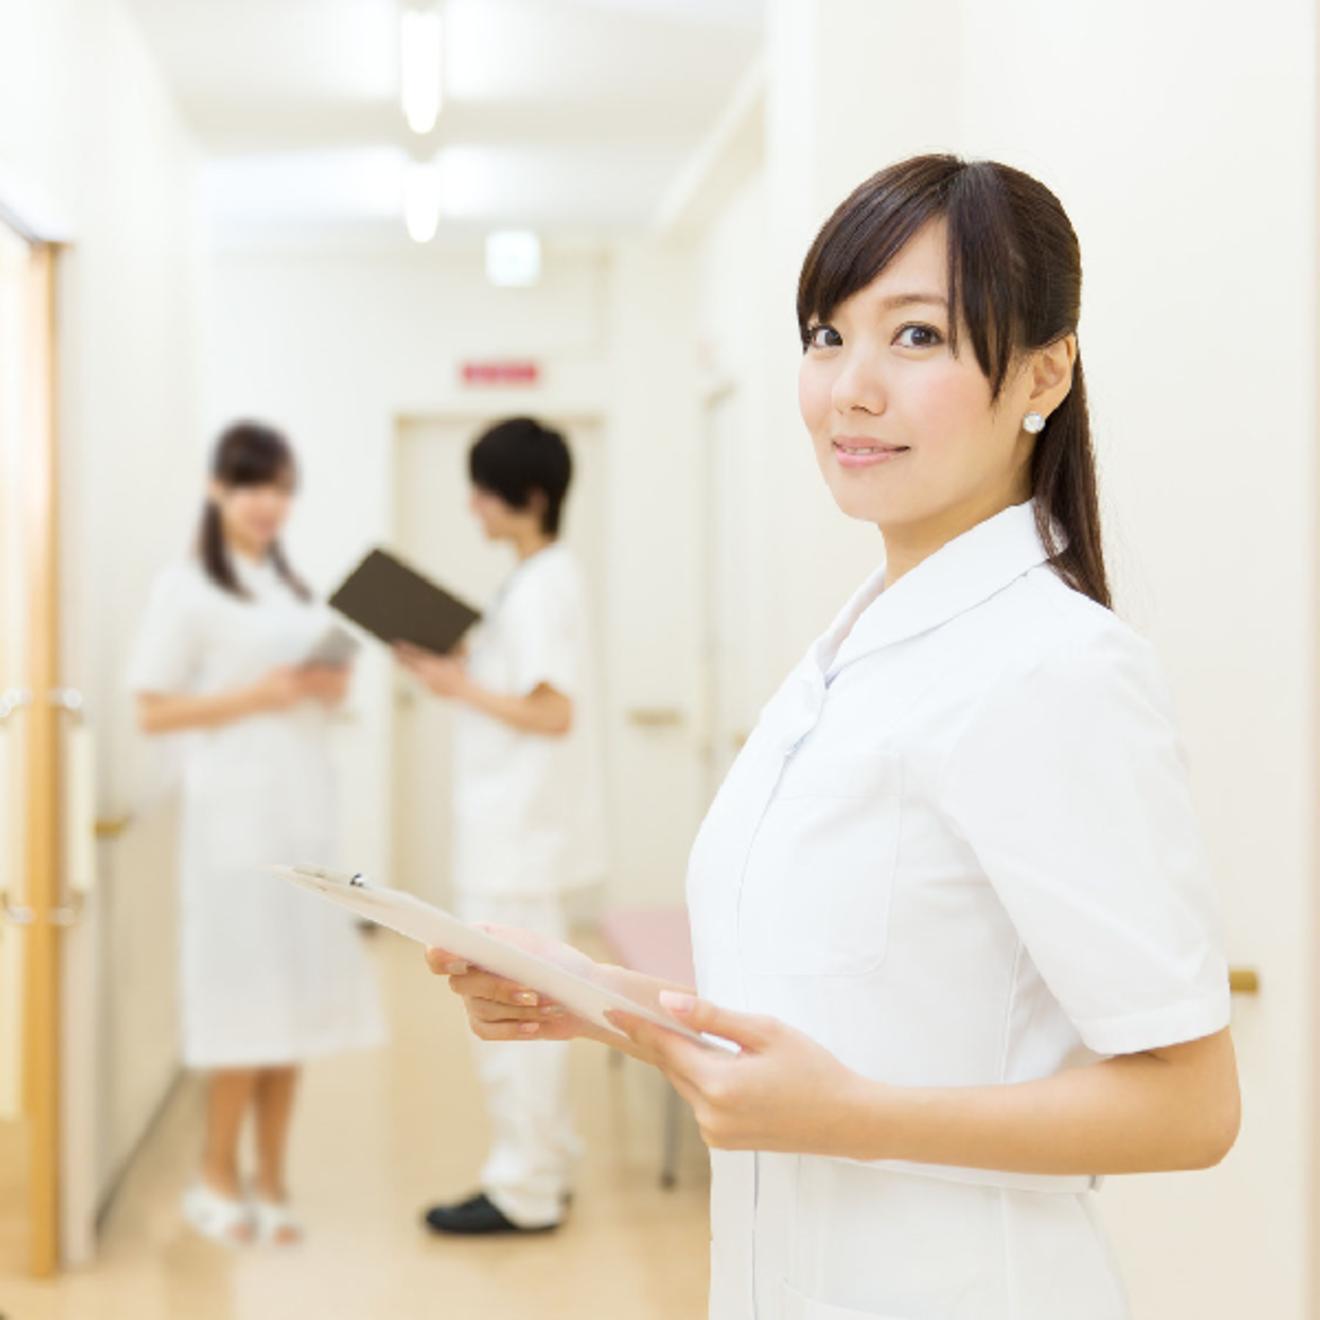 看護師になるには?5分で分かる、仕事内容や給料、資格など